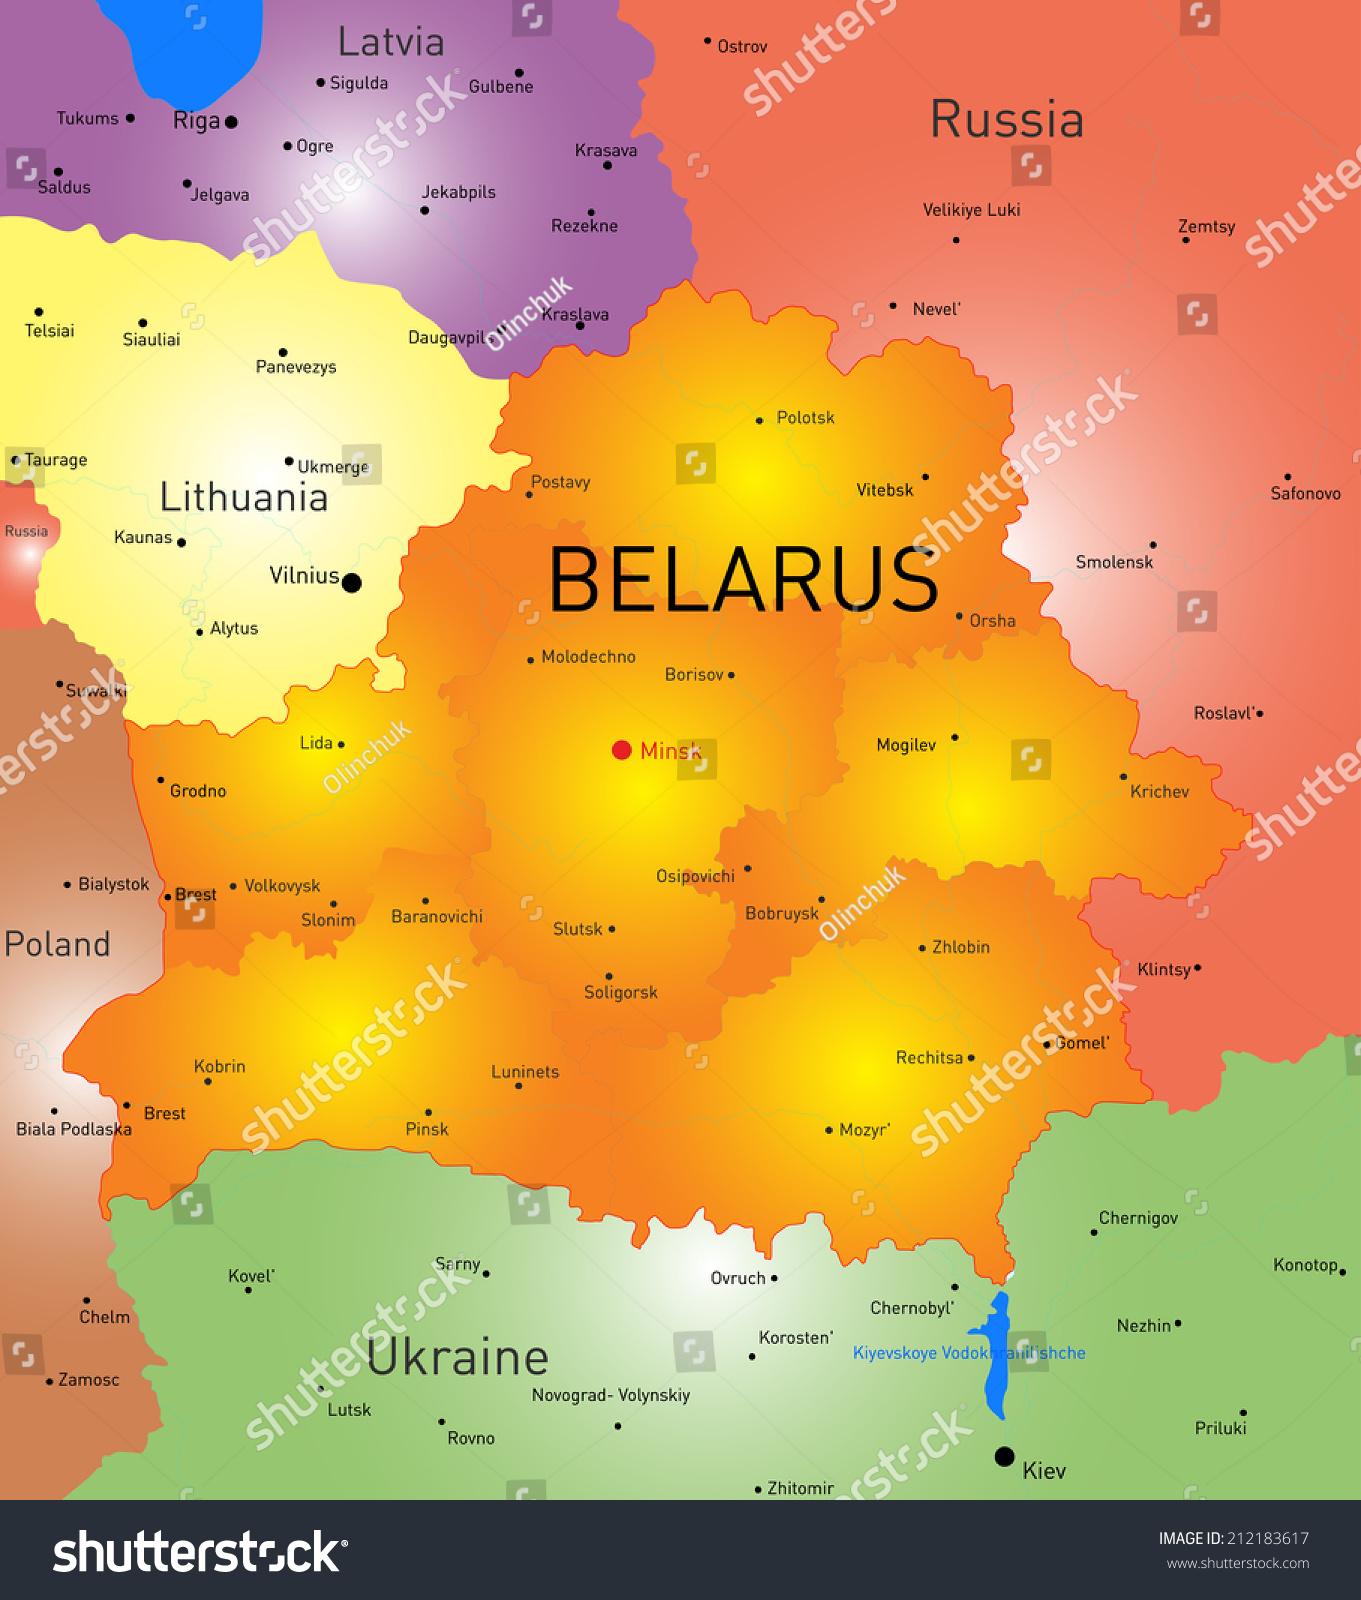 Vector color map belarus country vectores en stock 212183617 vector color map of belarus country gumiabroncs Choice Image